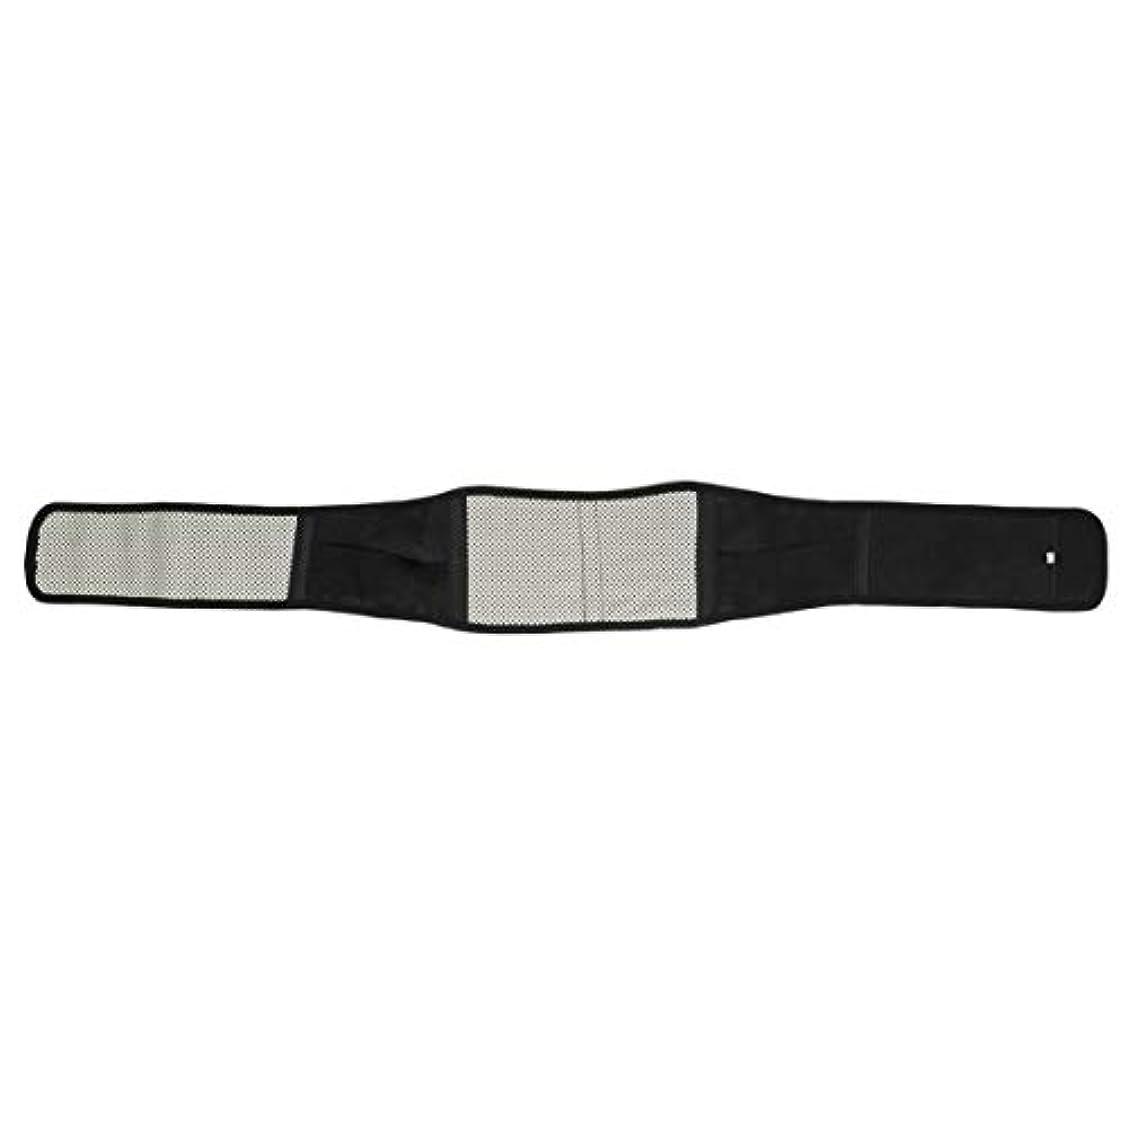 五十ドアミラー書誌intercorey脂肪燃焼ベルト腰椎サポート痛みマッサージャー赤外線磁気バックブレース自己発熱療法ウエストベルト調整可能な姿勢ベルト